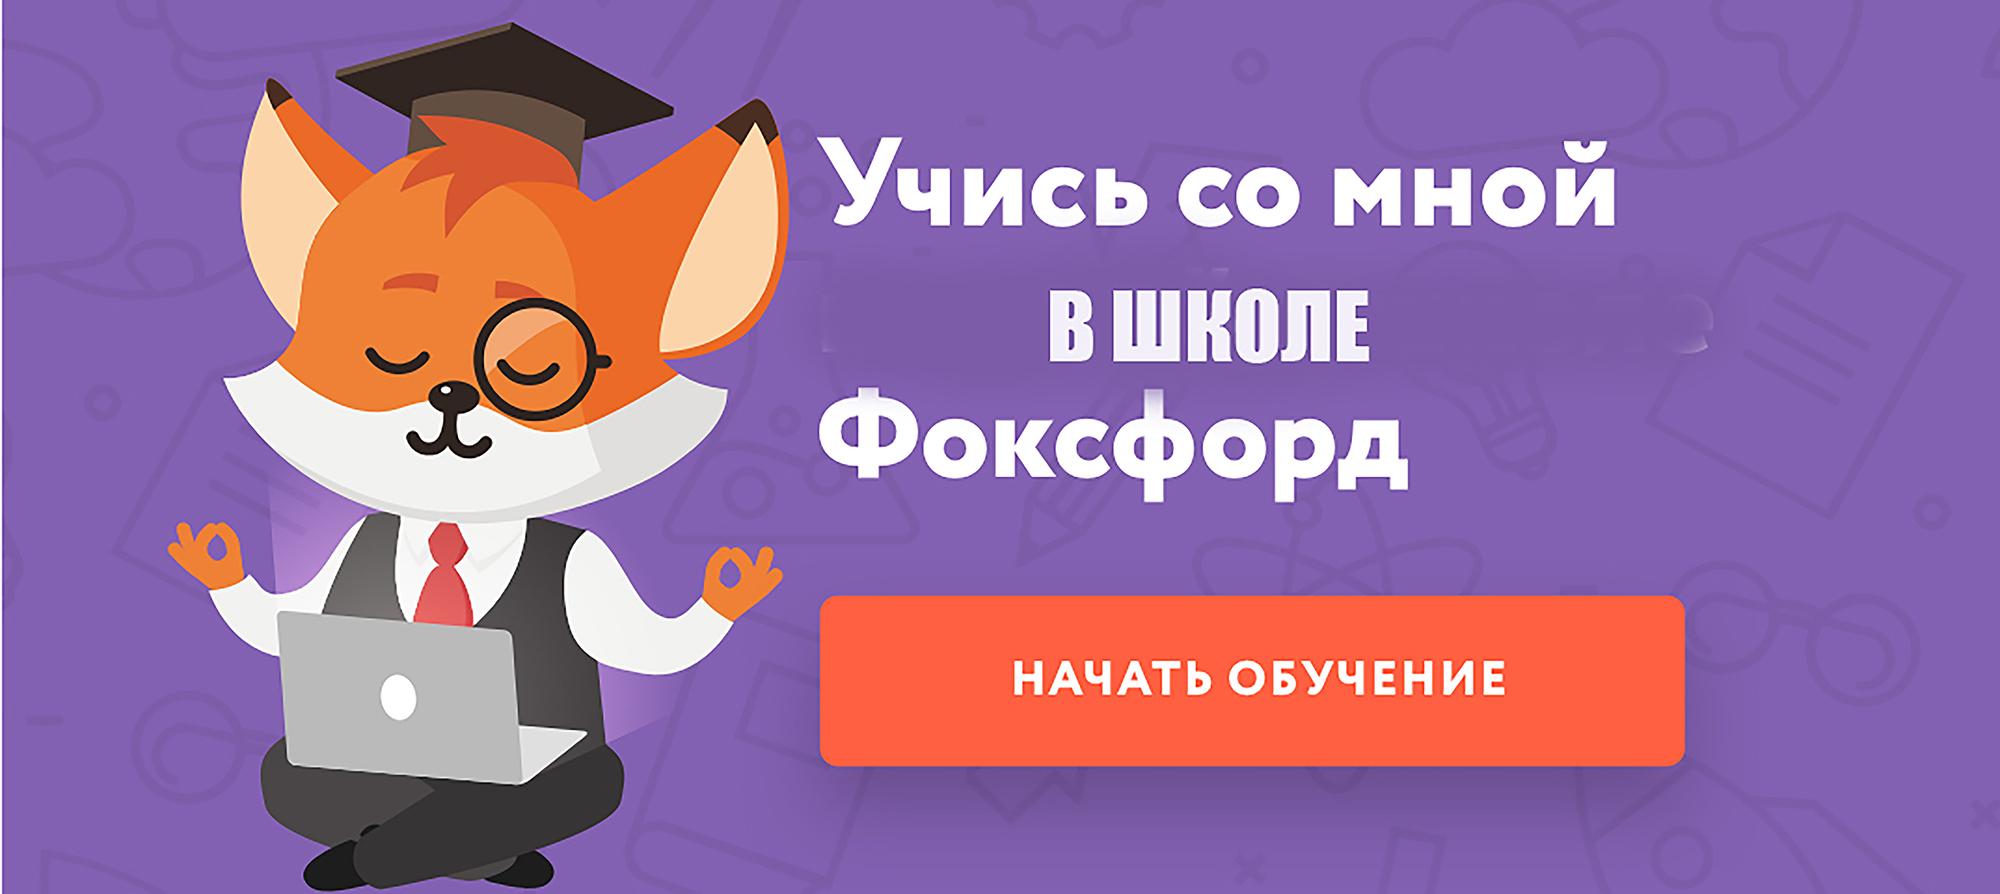 http://s4.uploads.ru/AGOts.jpg